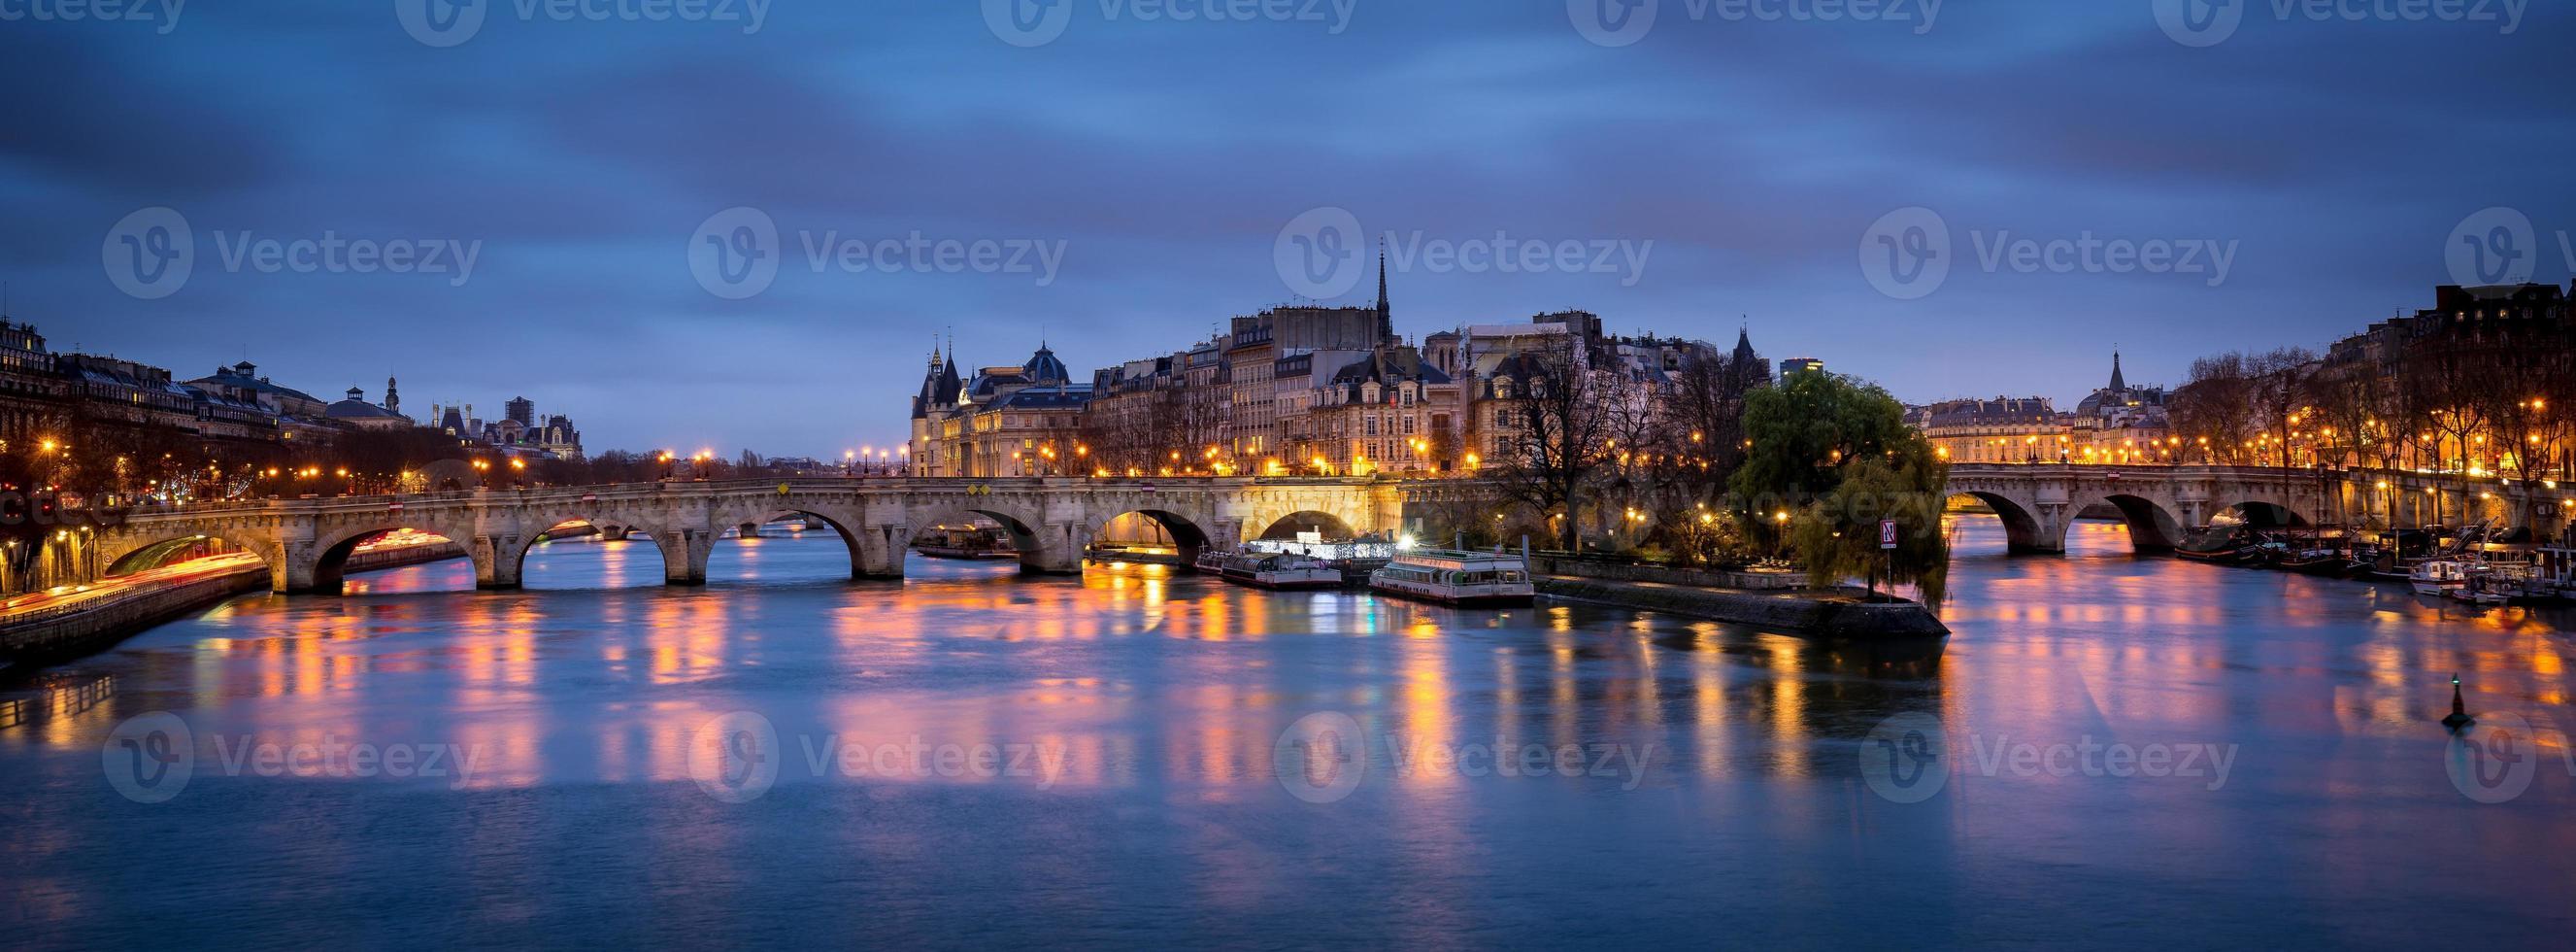 Ile de la cite y pont neuf al amanecer, París foto